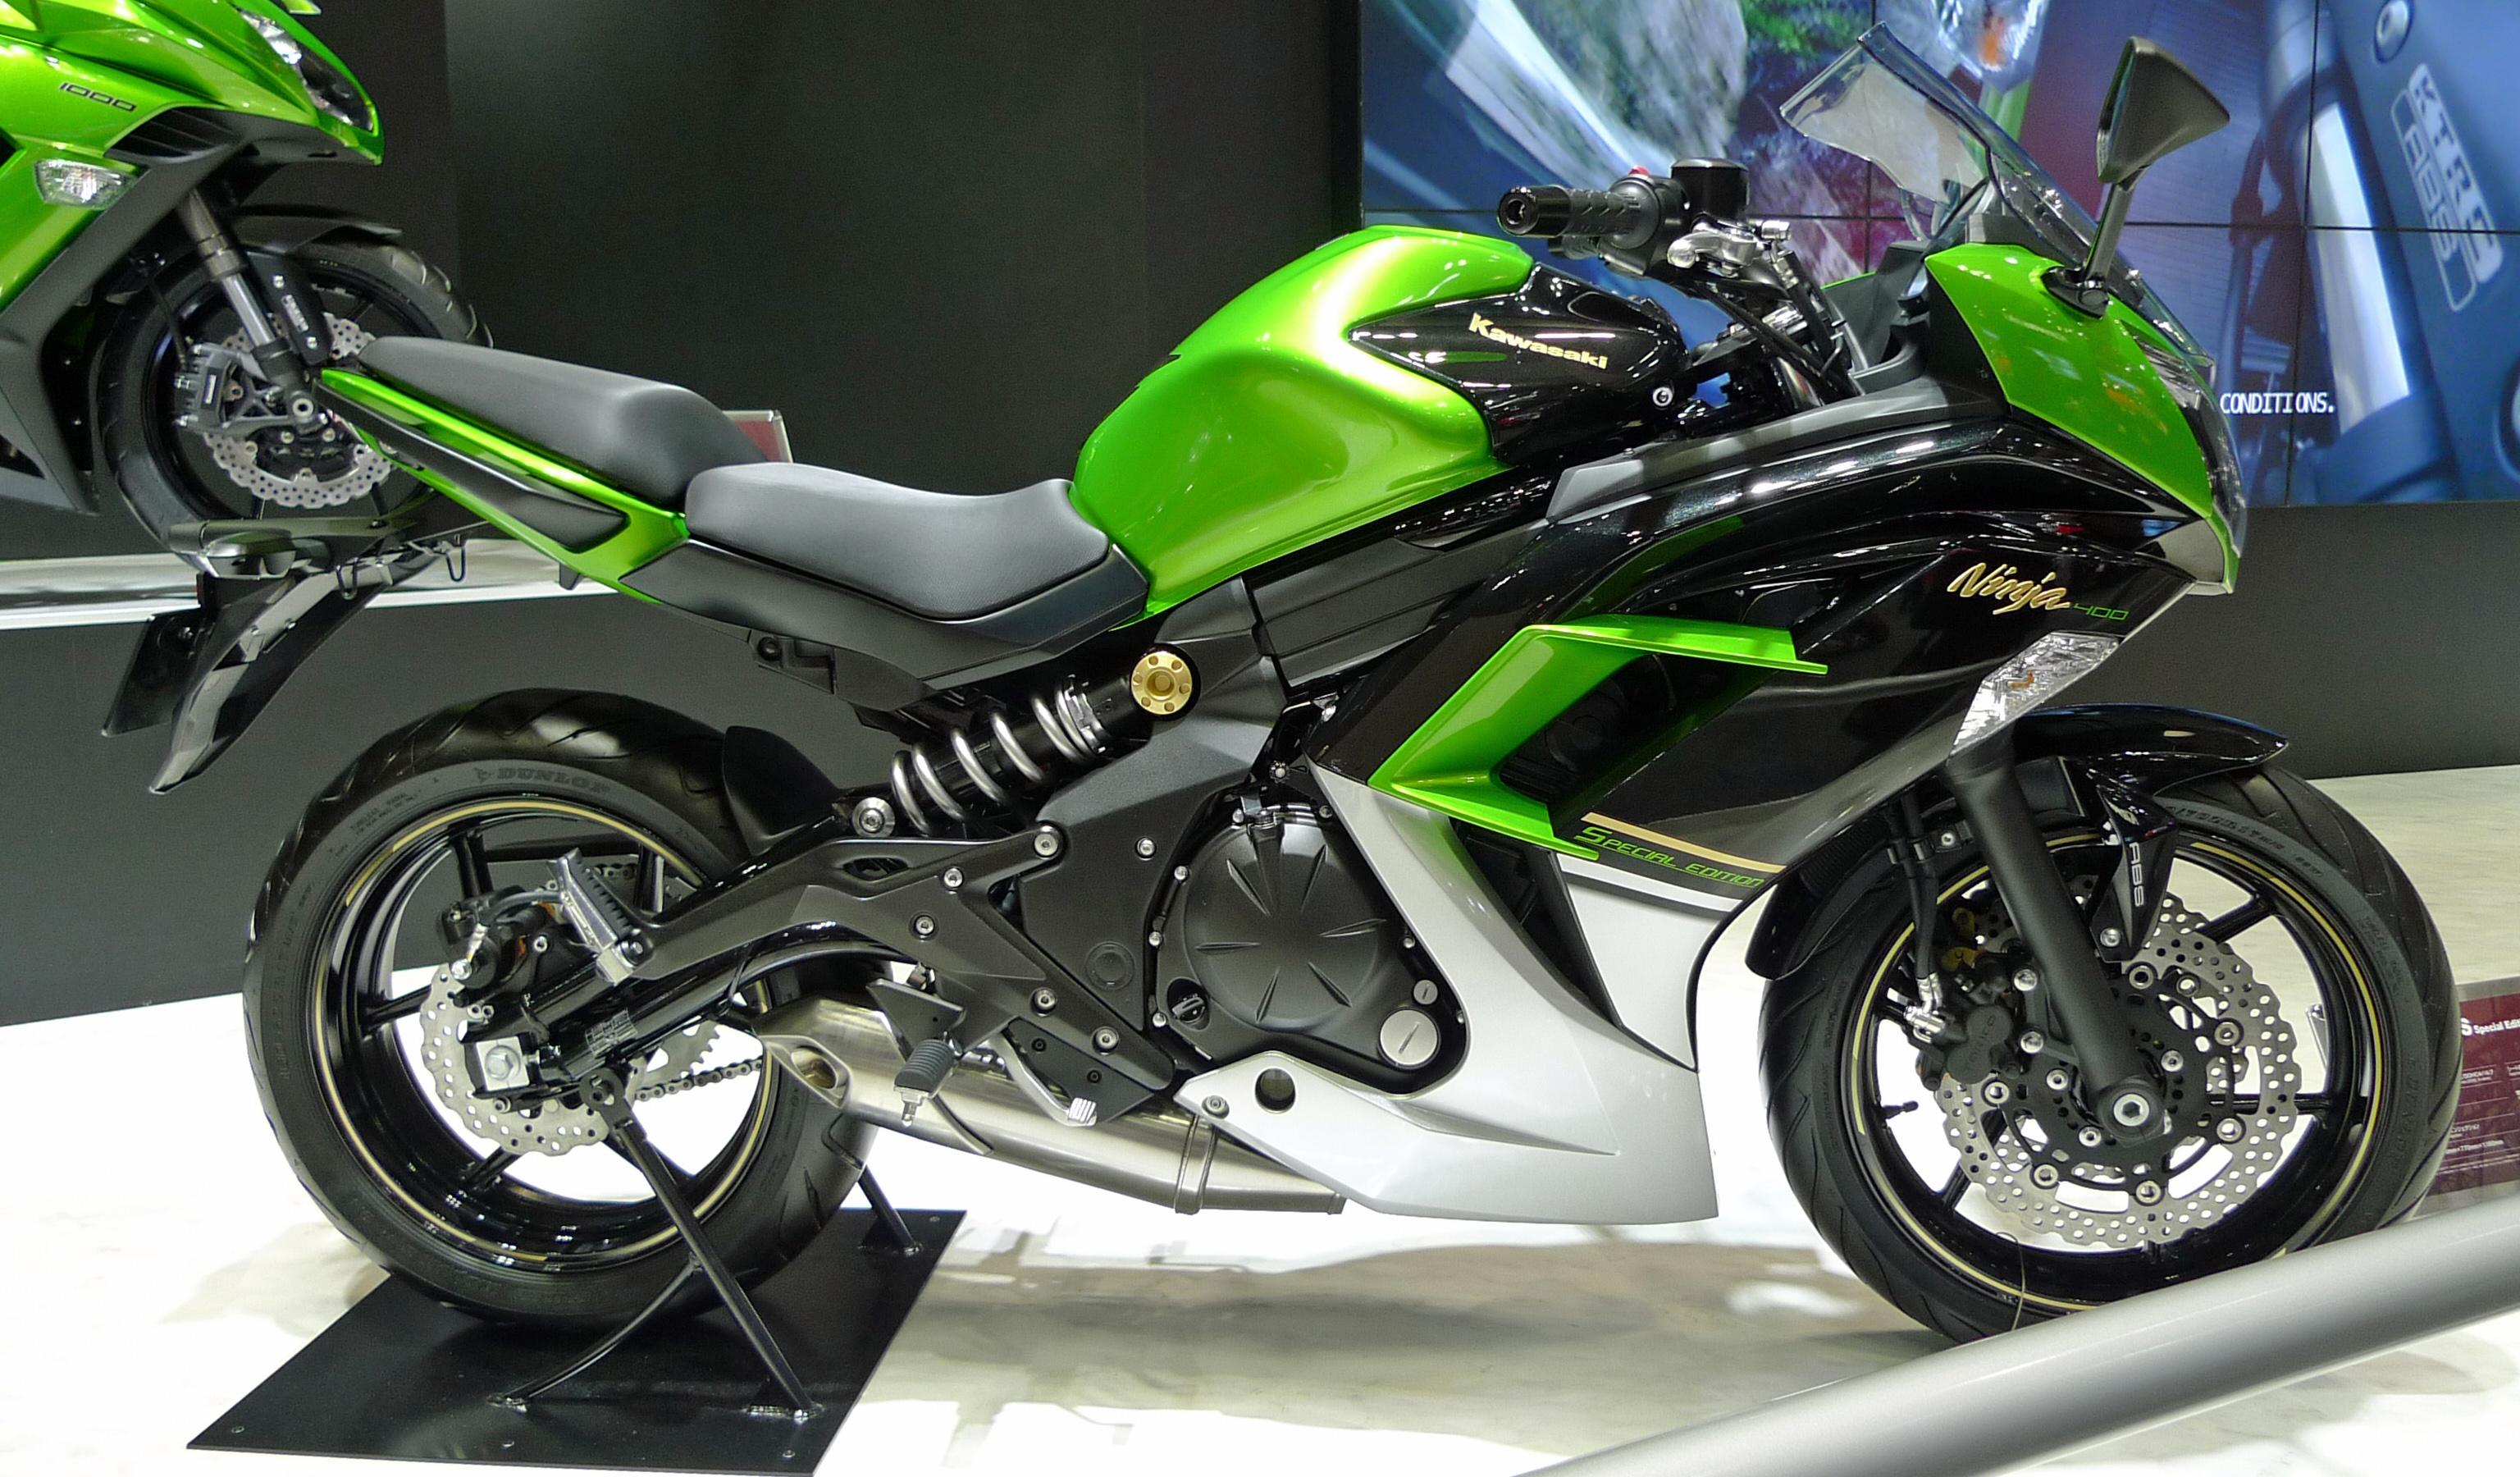 File:Kawasaki Ninja 250 ABS at Tokyo Motor Show 2013-3.jpg ...